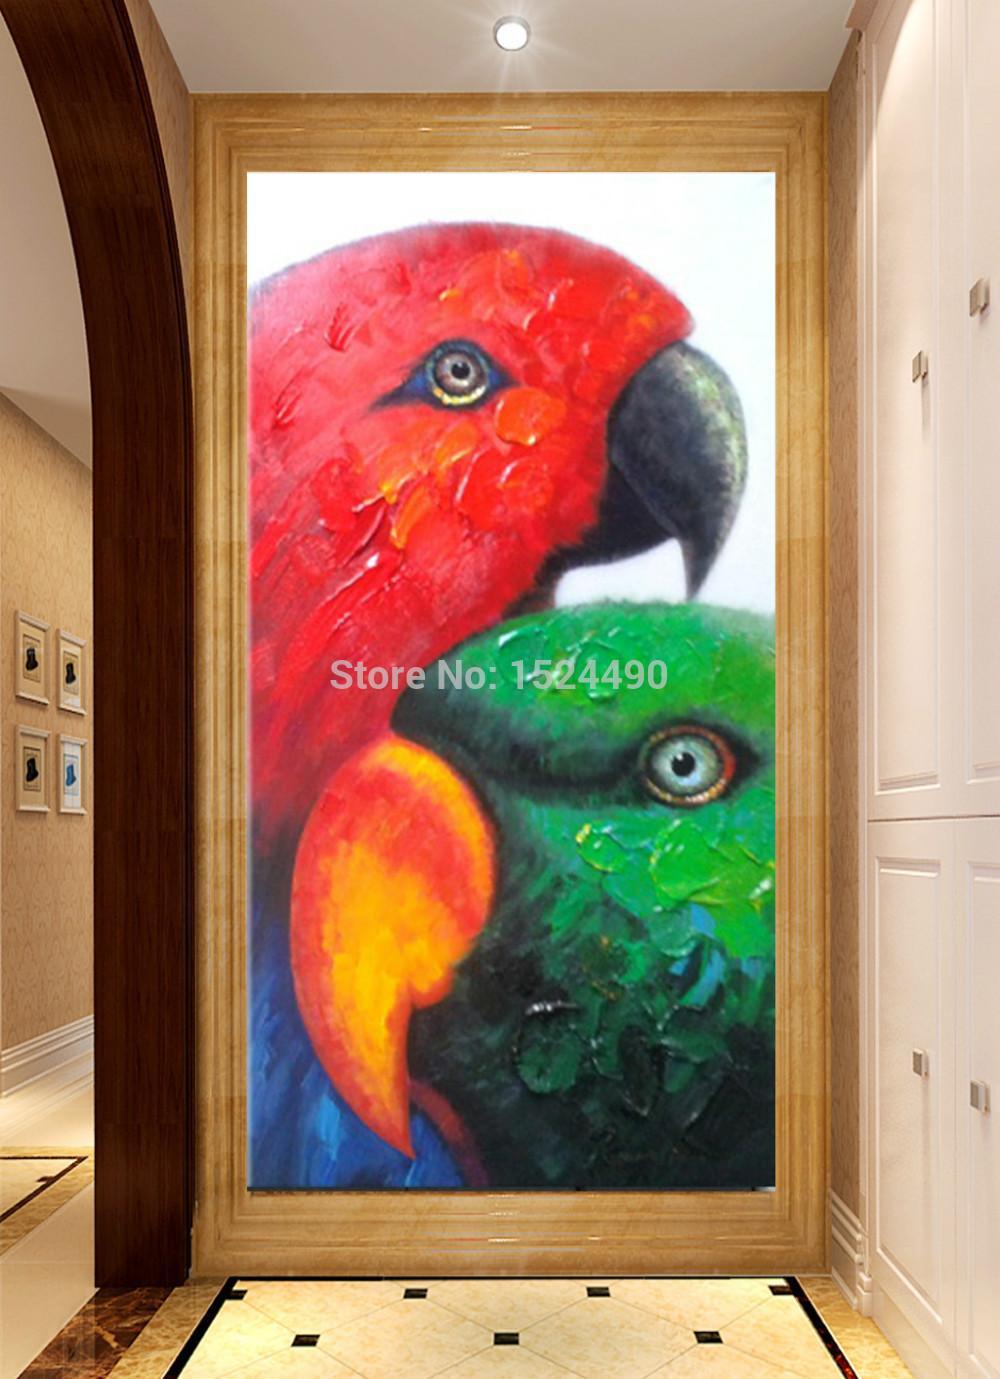 Livraison gratuite peint à la main animaux modernes coloré africain Lovebird peinture à l'huile sur toile Art mural peinture salon décor